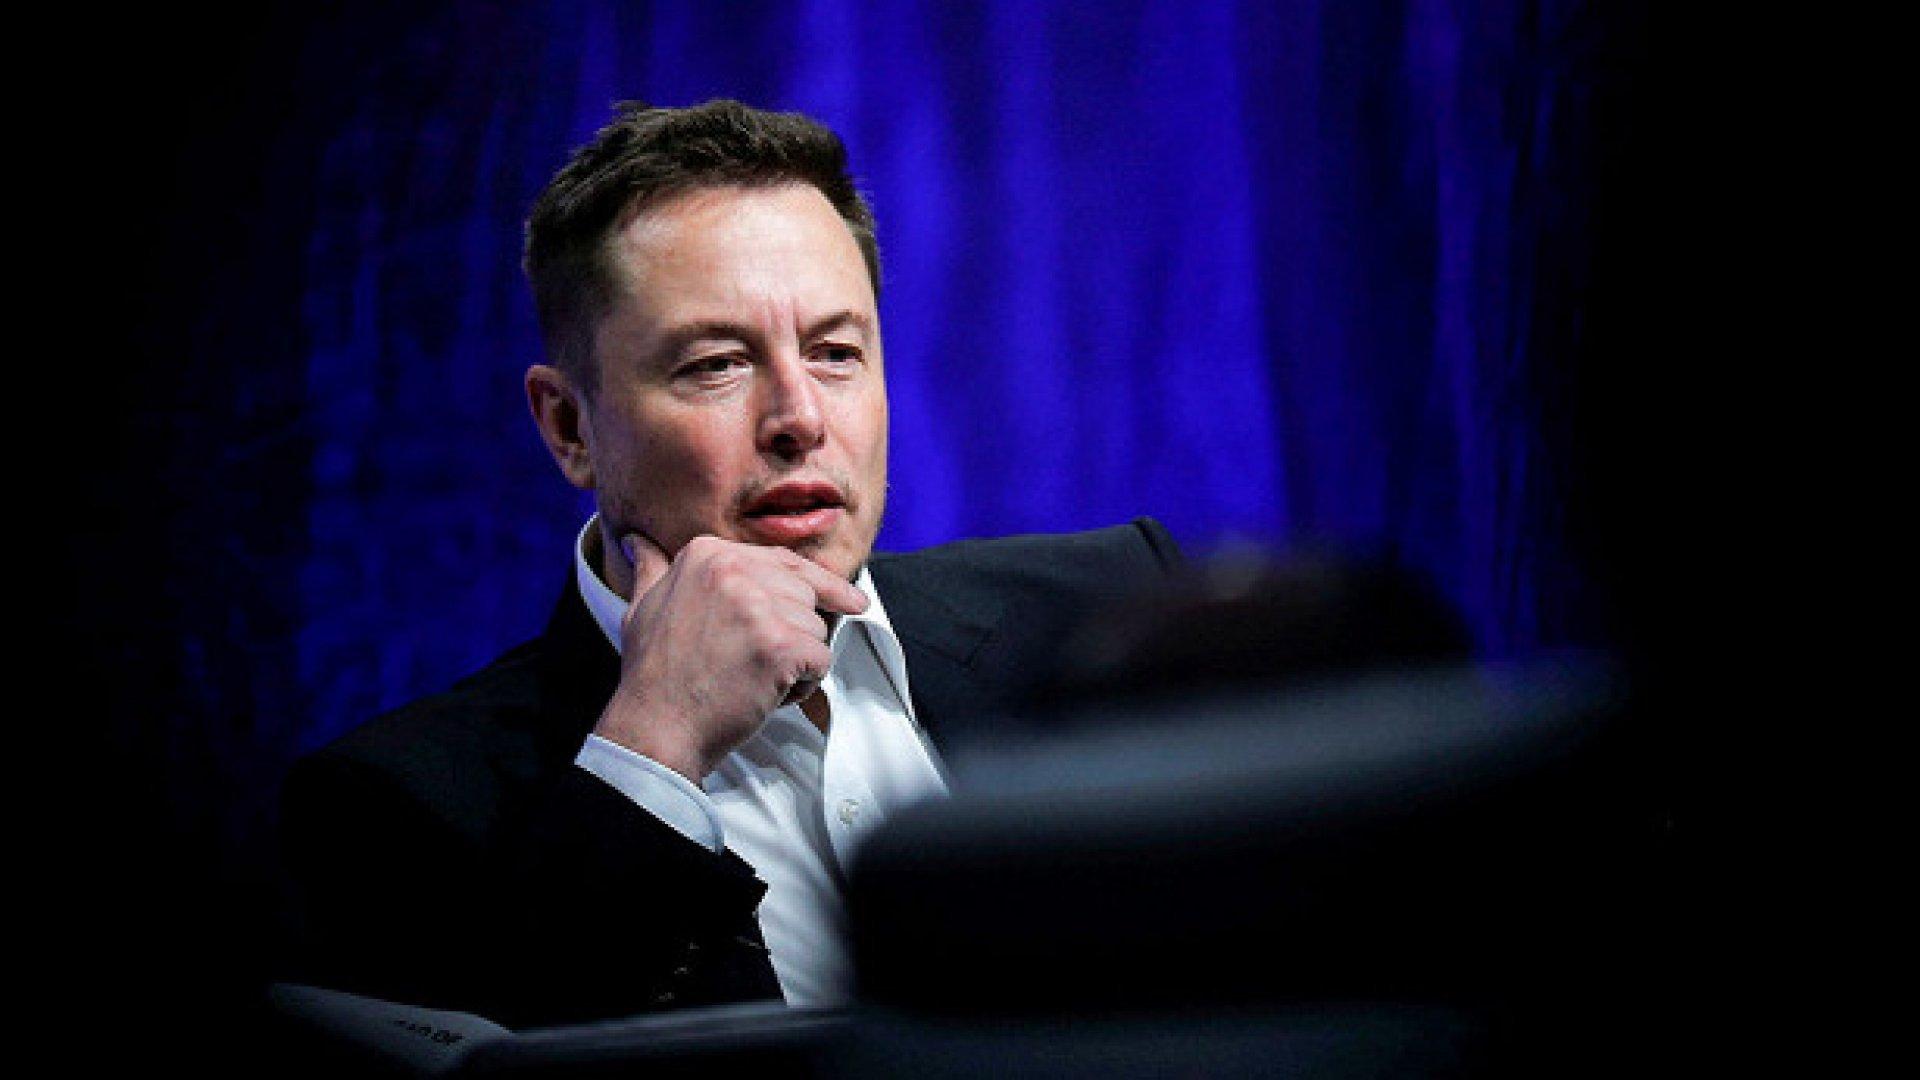 Илон Маск изменил отношение к инвесторам и они оказались довольны